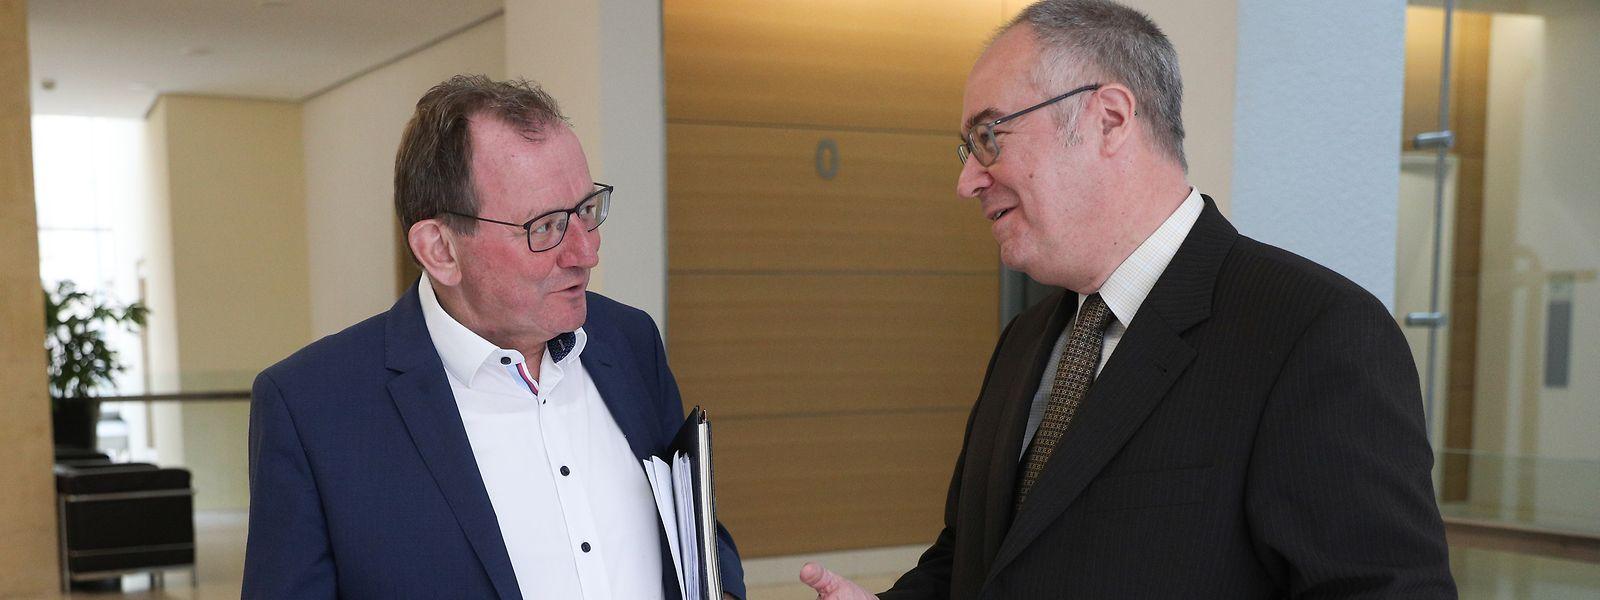 Le président de la Chambre Fernand Etgen (à gauche) devra bientôt composer avec un nouveau secrétaire général.